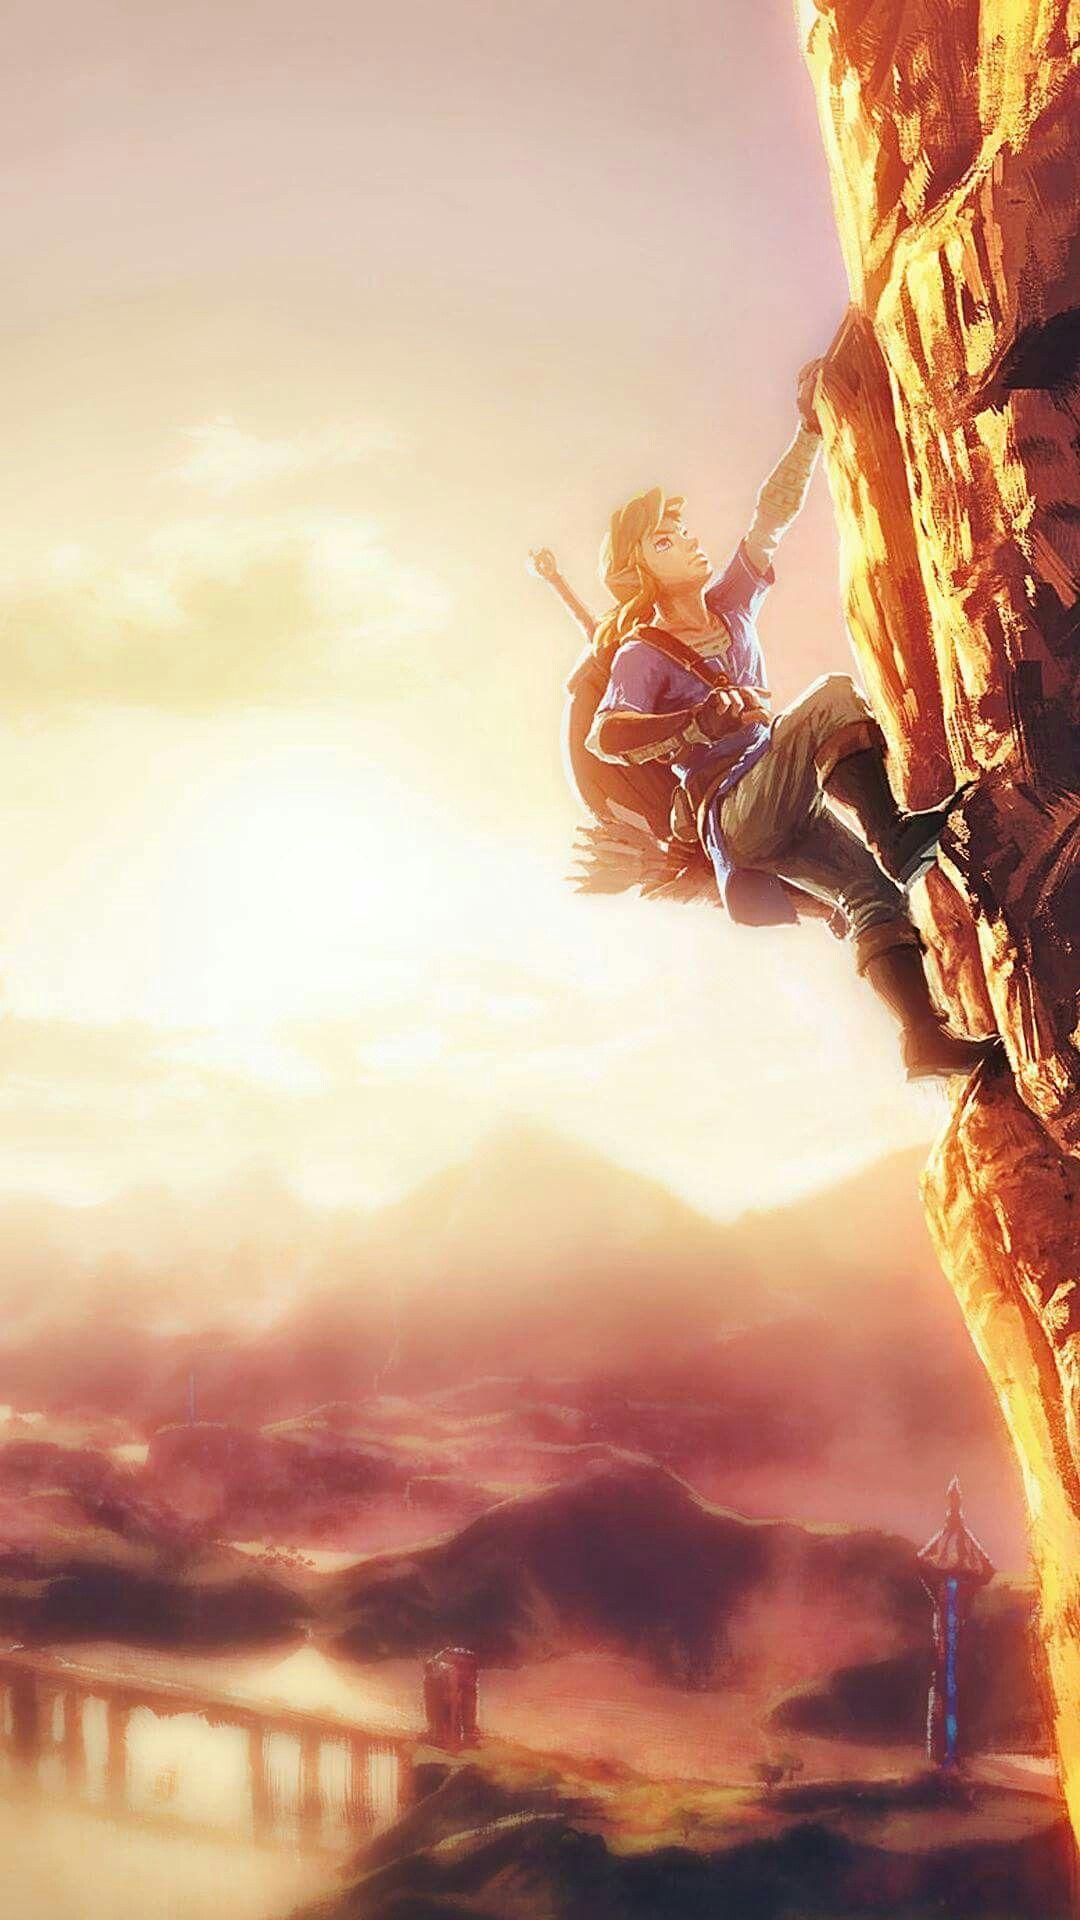 Zelda Breath of the Wild Cest tellement beau mais je peux